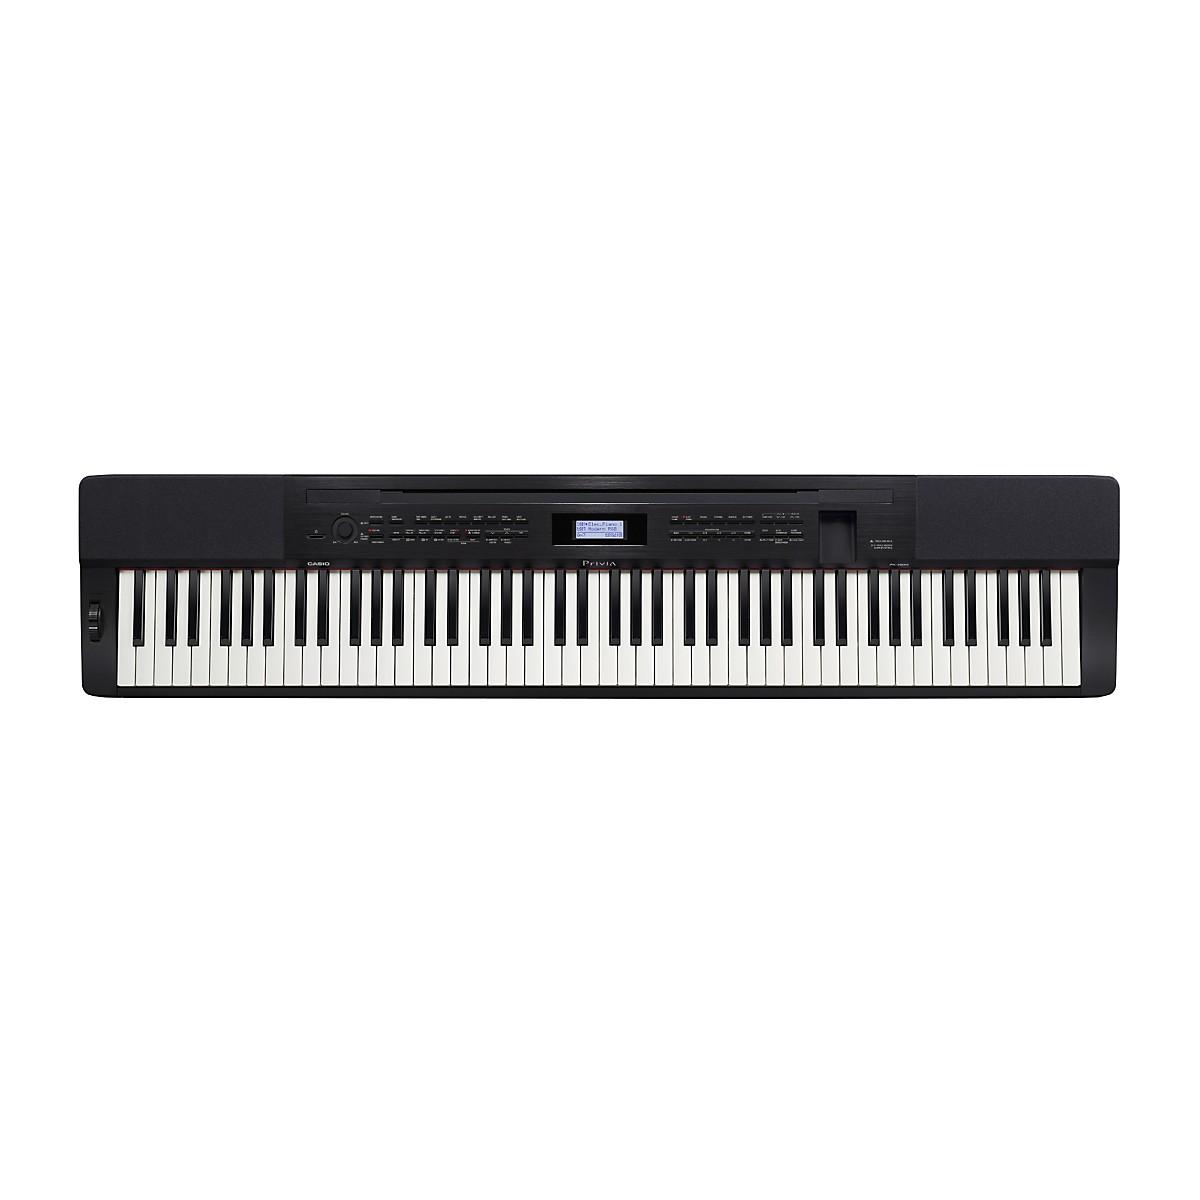 Casio Privia PX-350 Digital Piano